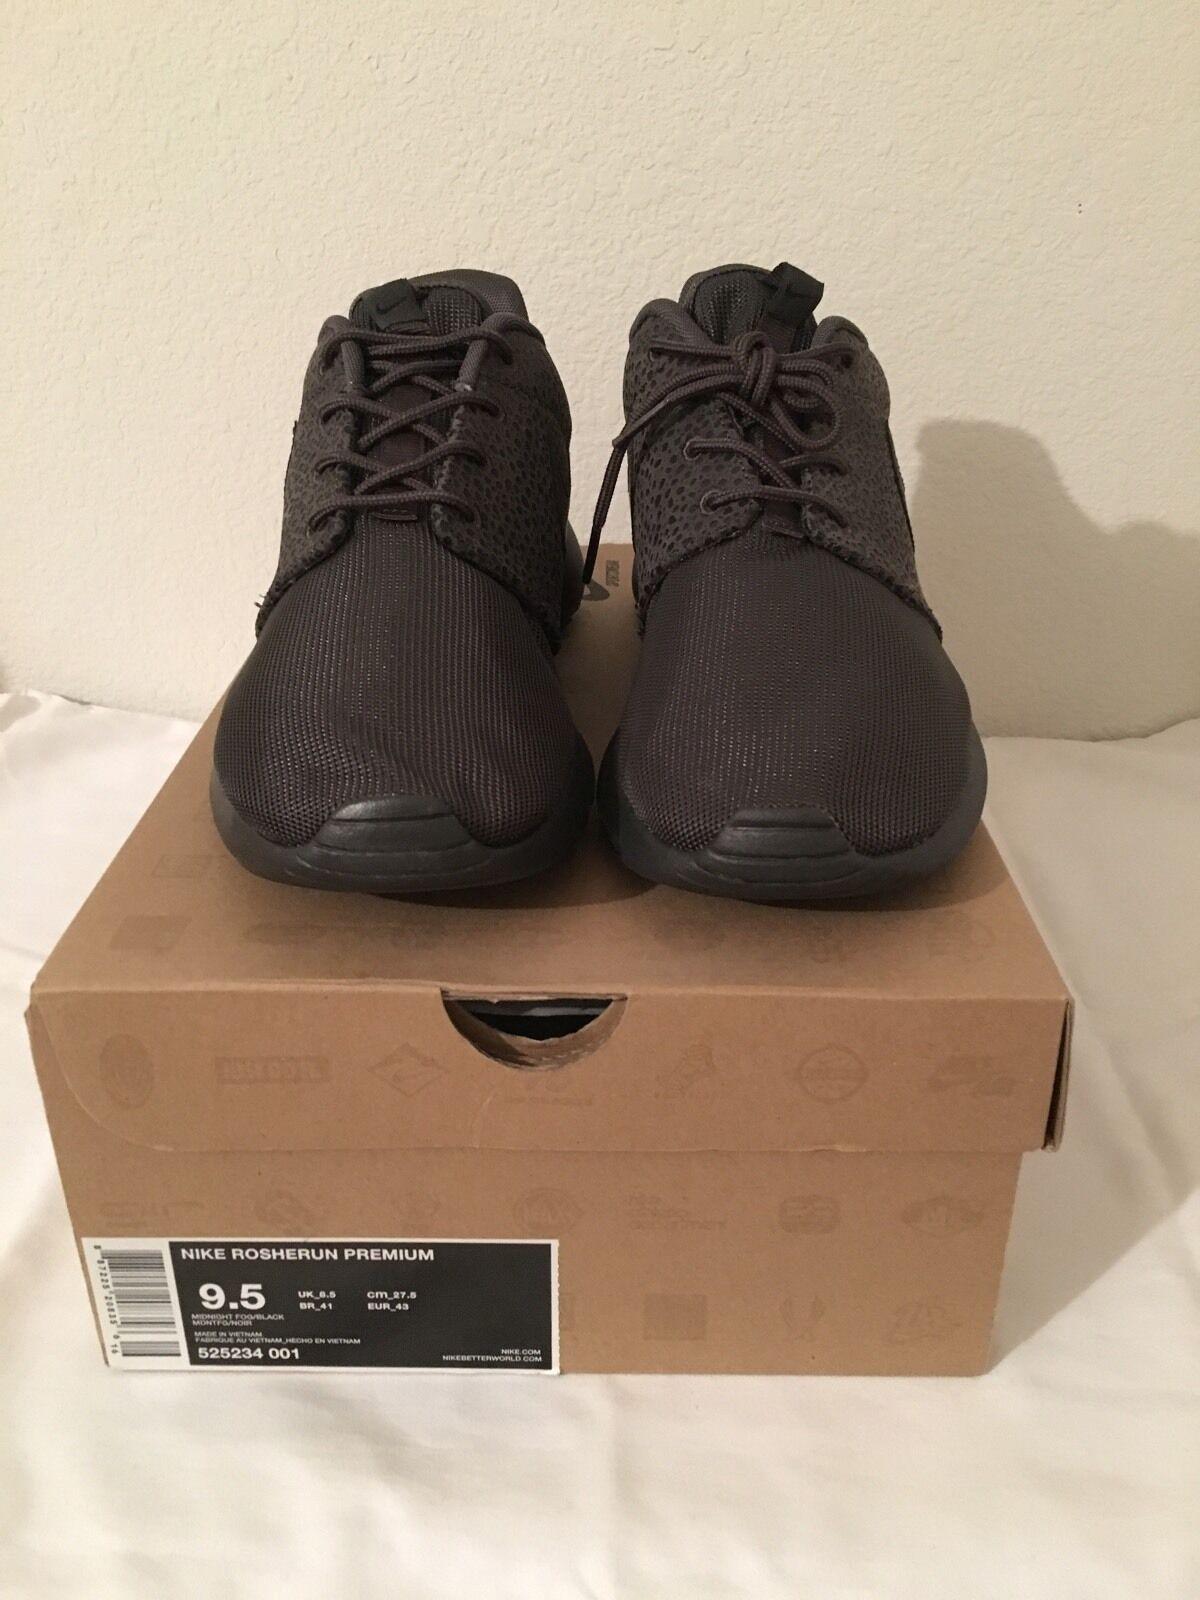 Men's Rosherun Rosherun Rosherun Premium Size 9.5 525234 001 420eae